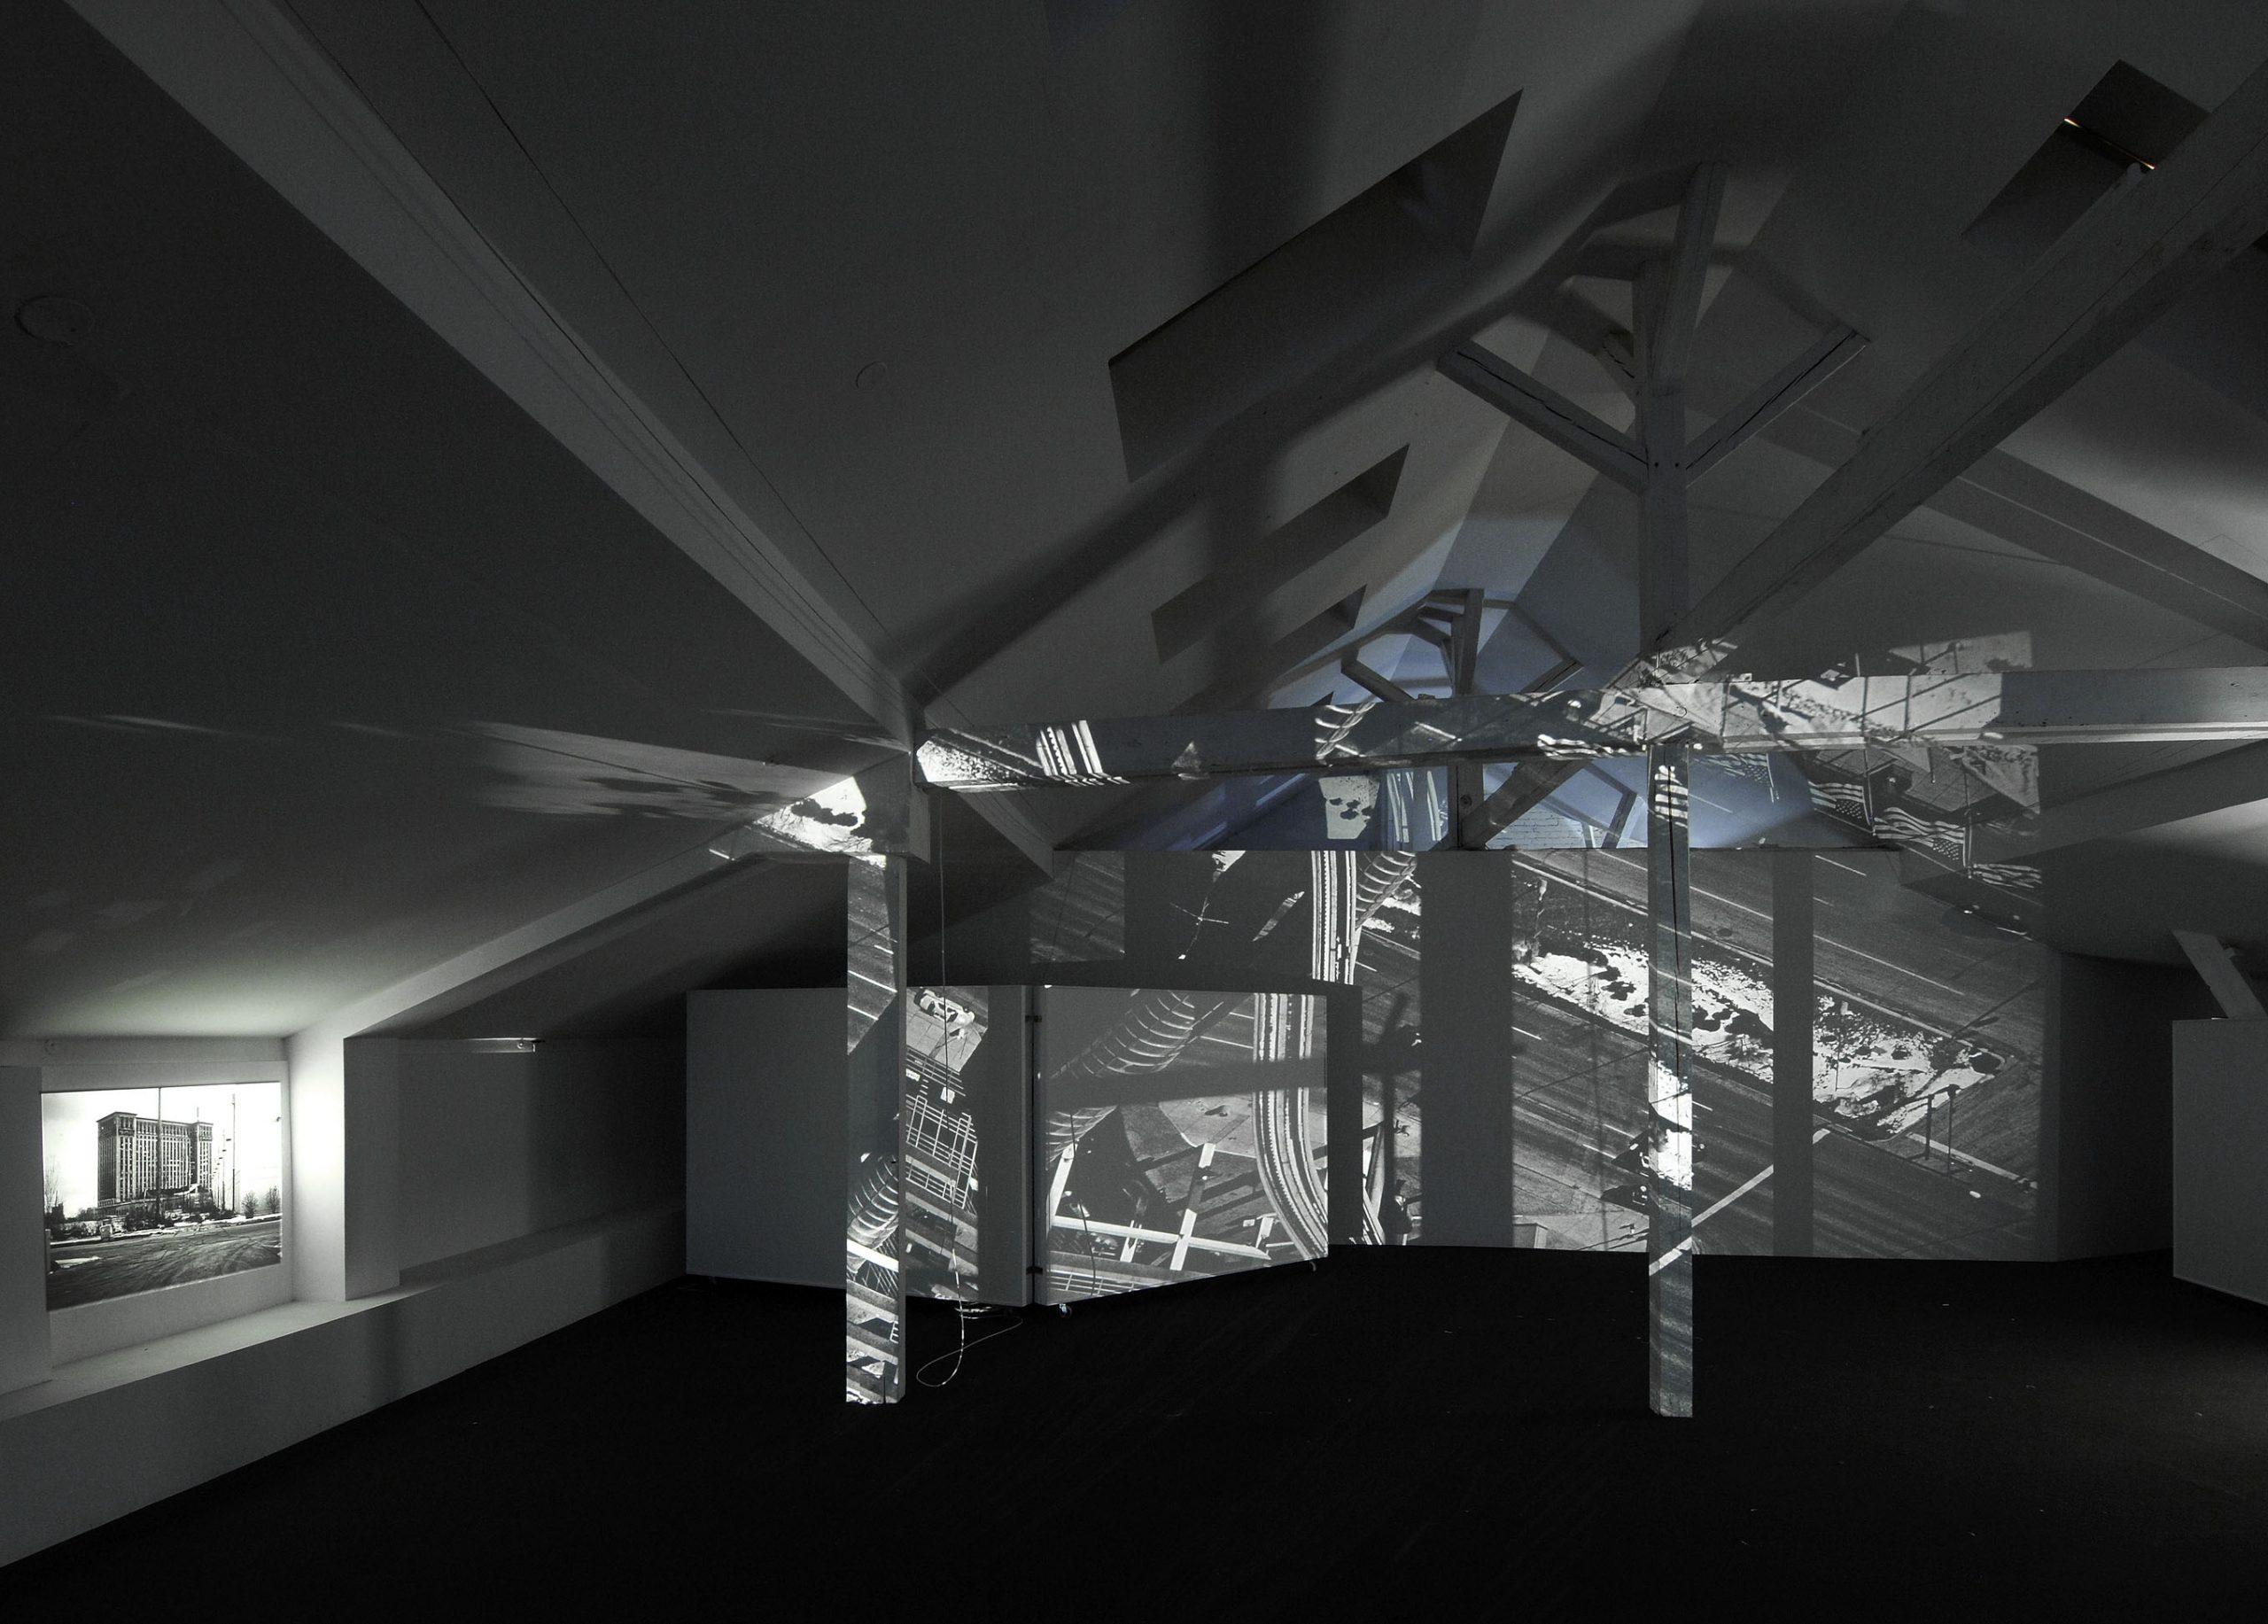 Tris Vonna Michell at Berlin Biennale 2008